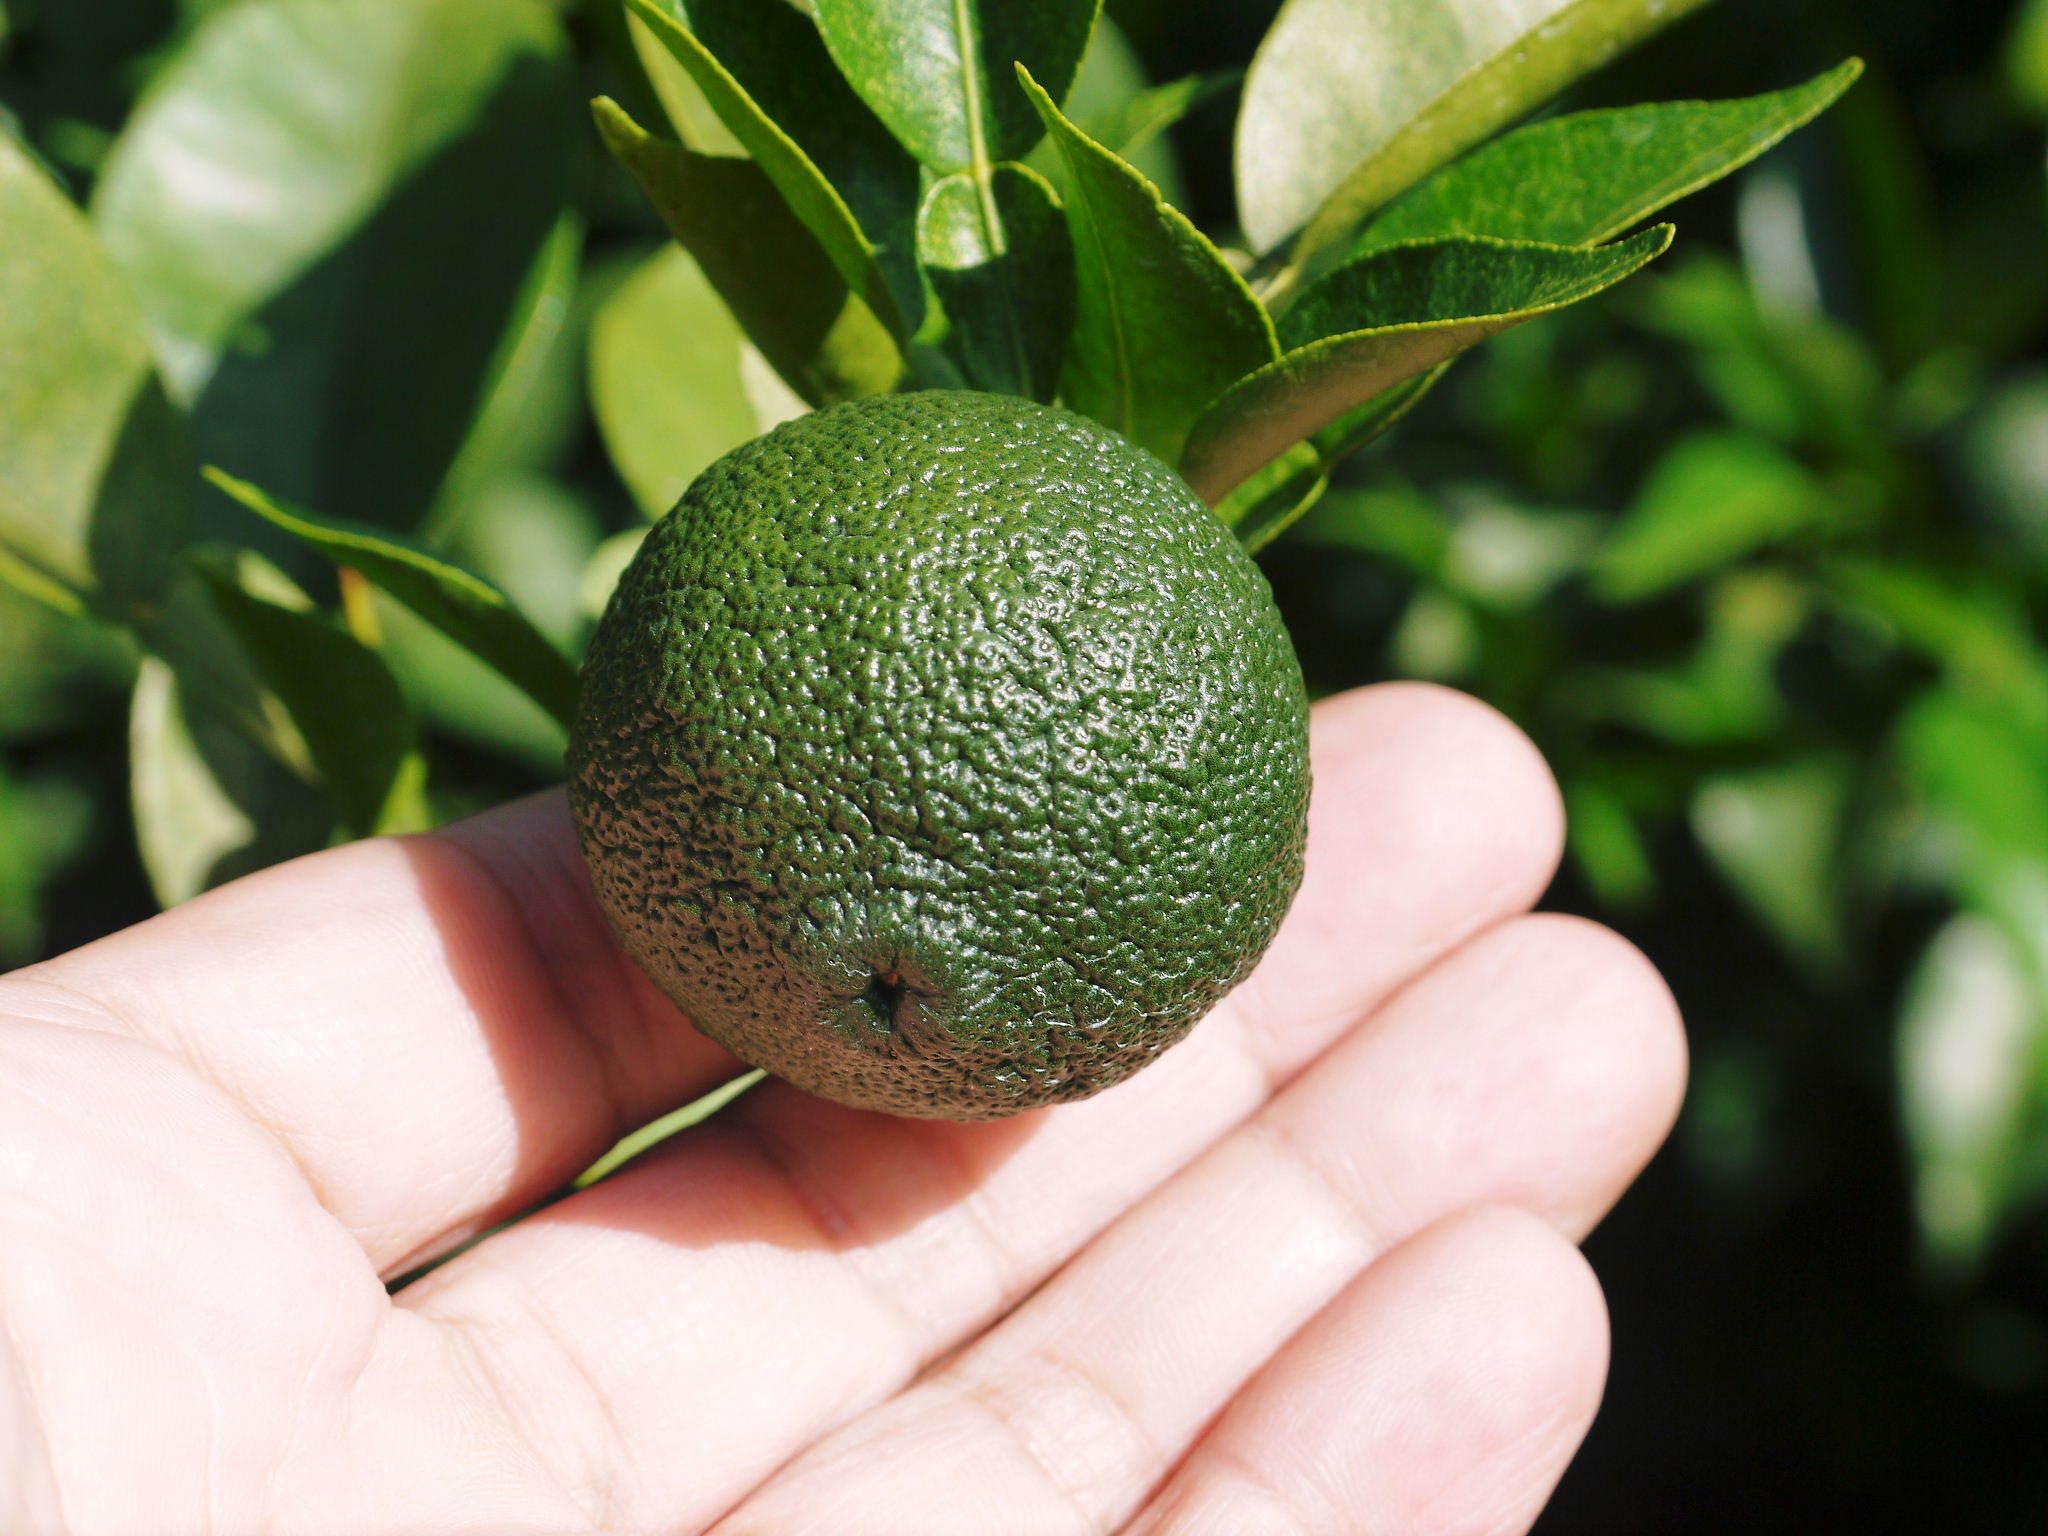 香り高き柚子(ゆず) 令和3年の青柚子の出荷予定と現在の様子 今のうち青唐辛子を購入しておいて下さい_a0254656_18404763.jpg